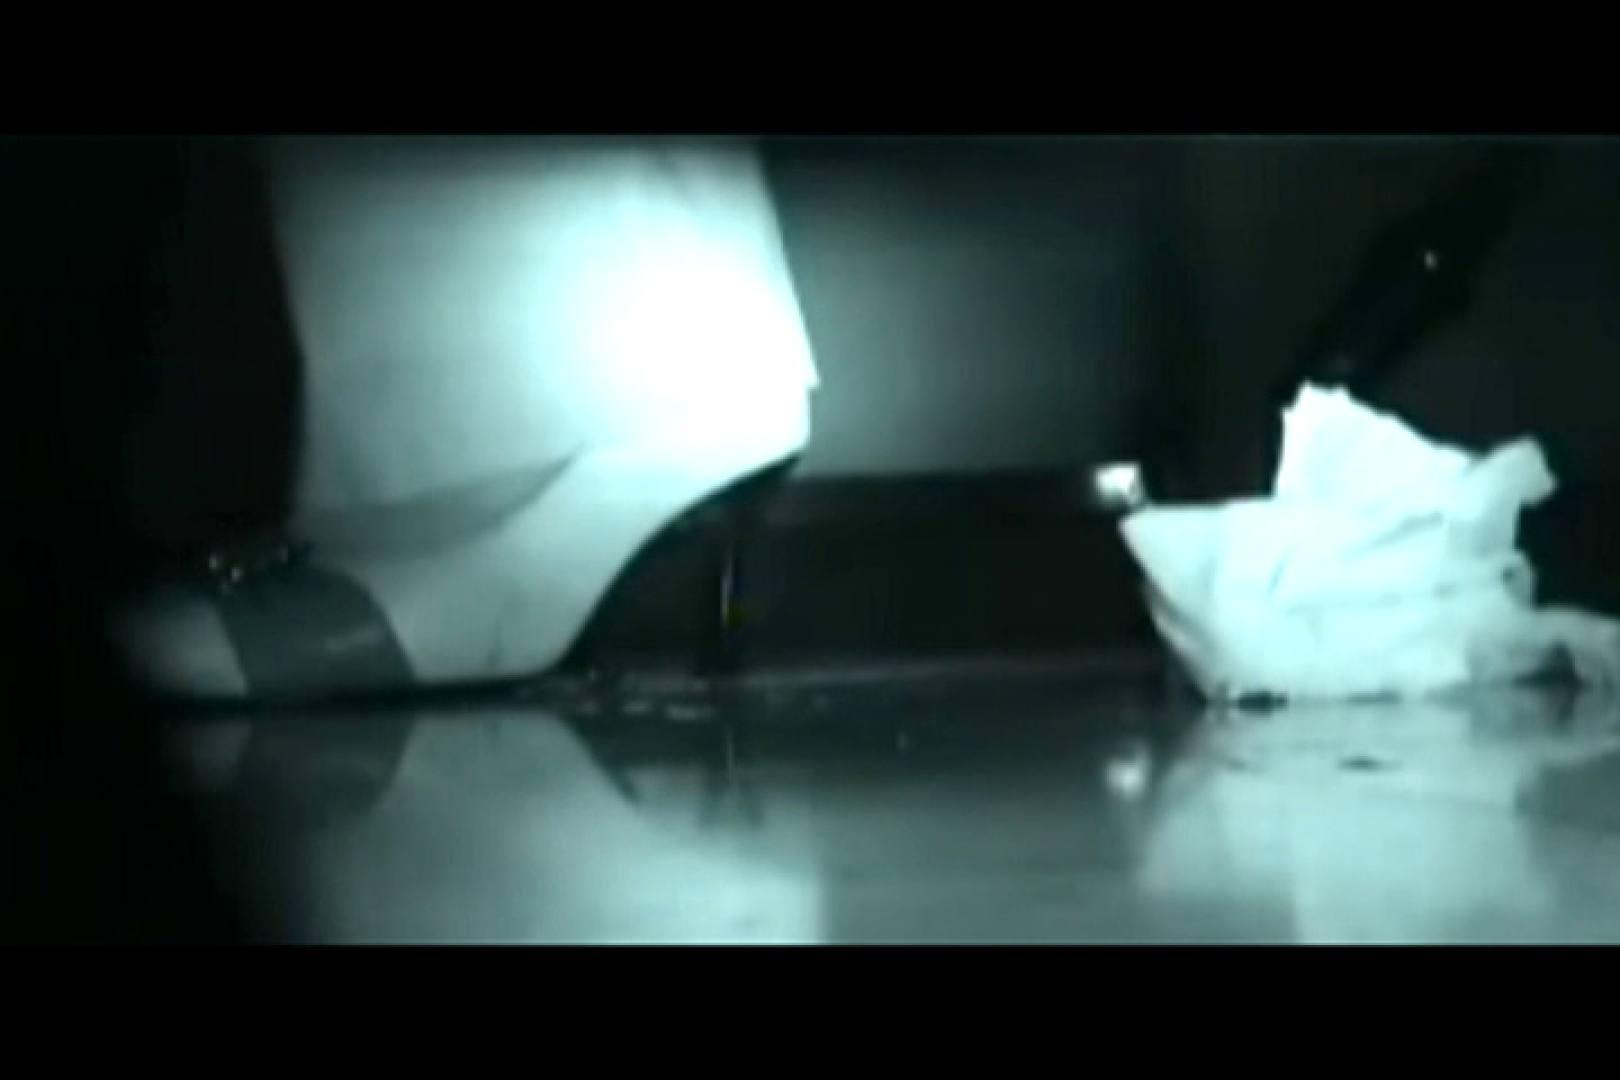 ぼっとん洗面所スペシャルVol.18 おまんこ無修正 | 洗面所はめどり  76画像 31